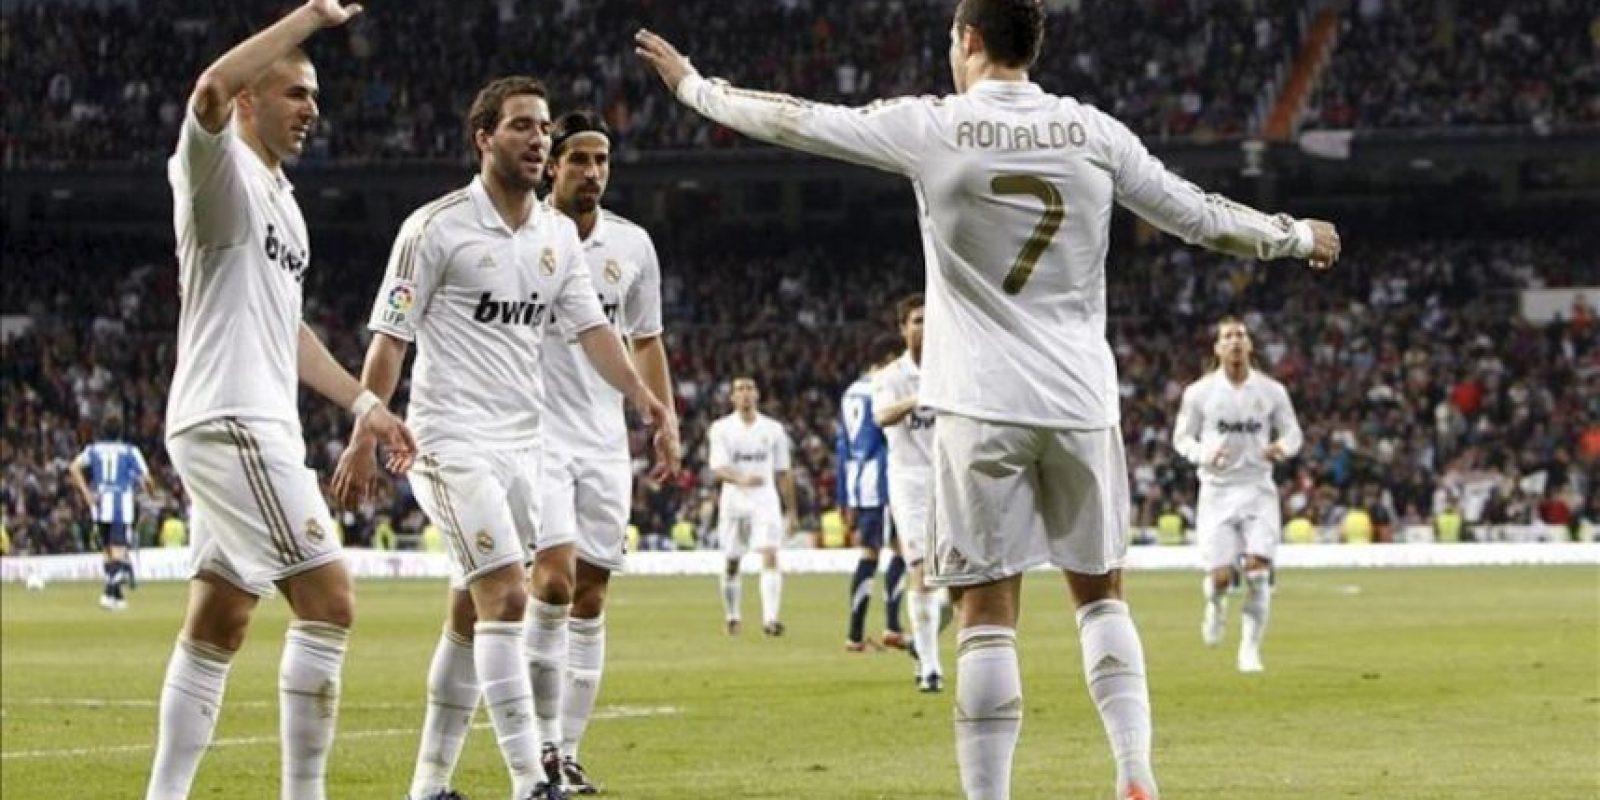 El delantero portugués del Real Madrid Cristiano Ronaldo (d) celebra su segundo gol, quinto de su equipo, junto a sus compañeros Karim Benzema, Gonzalo Higuaín y Sami Khedira (izq-dcha) durante el partido, correspondiente a la trigésima jornada de Liga de Primera División, que disputó el conjunto blanco con la Real Sociedad en el estadio Santiago Bernabéu. EFE